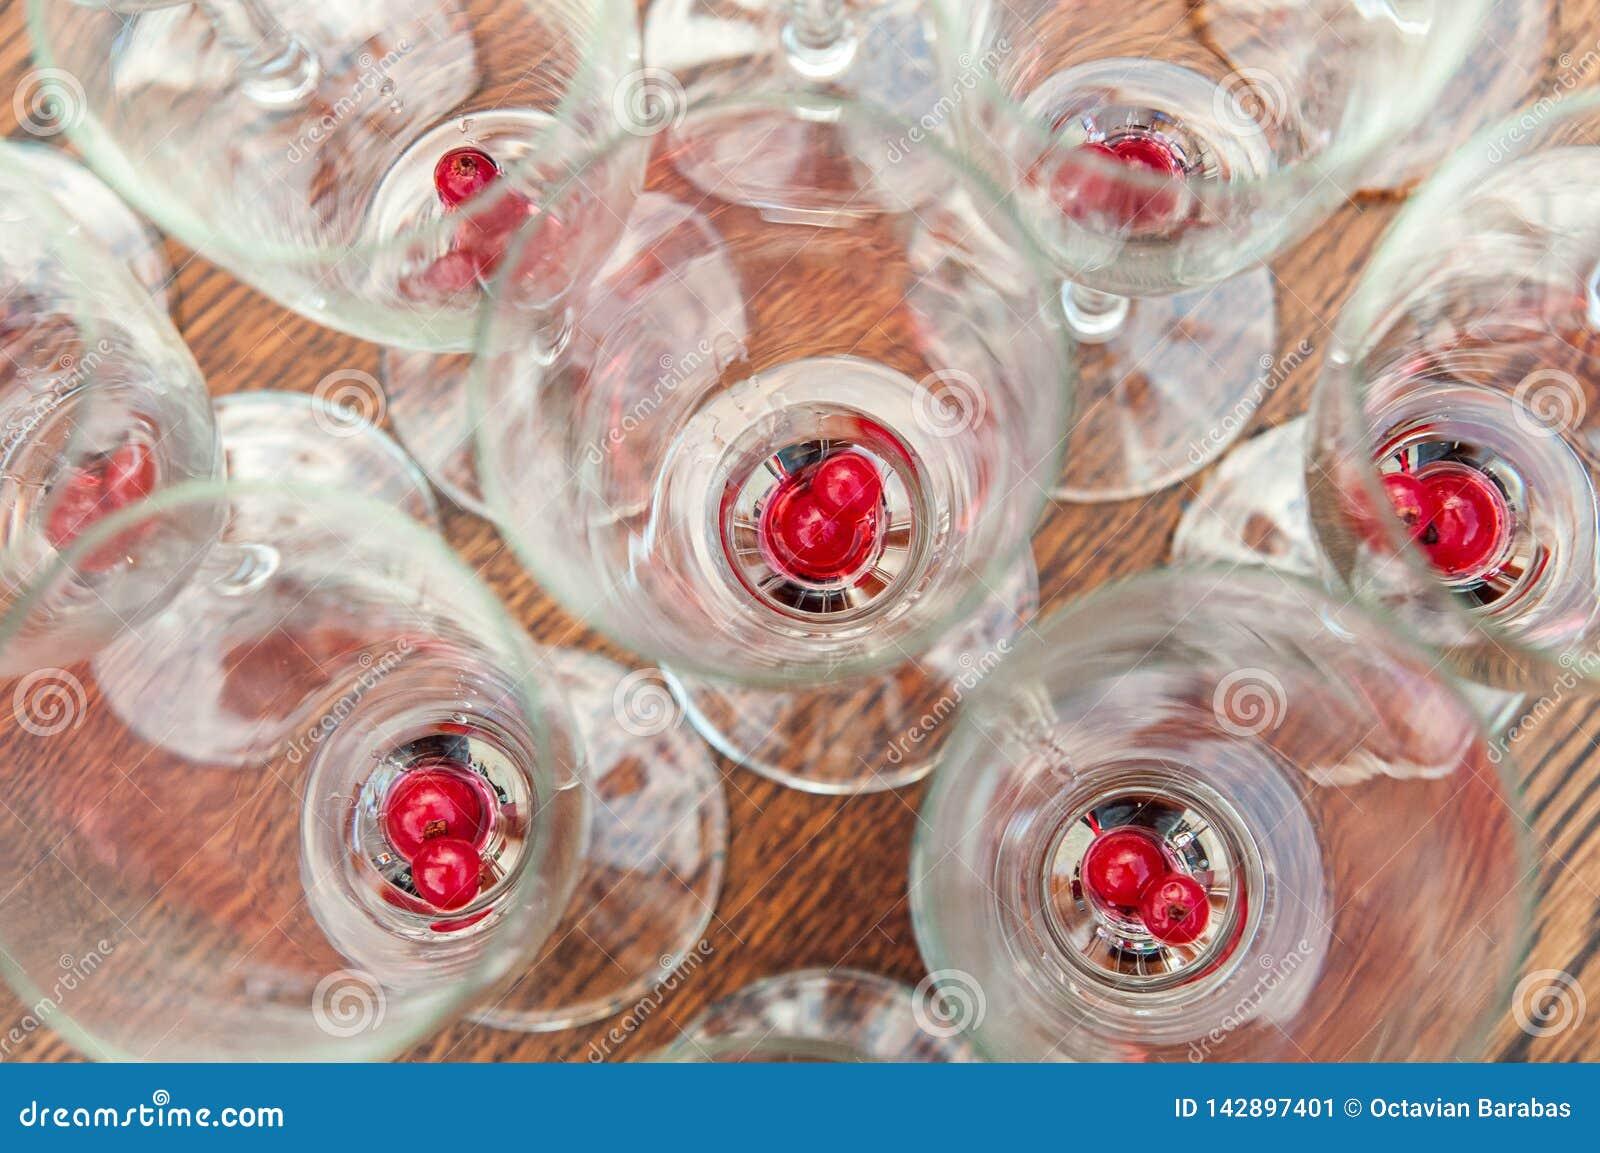 Frutti sul fondo dei vetri di vino spumante